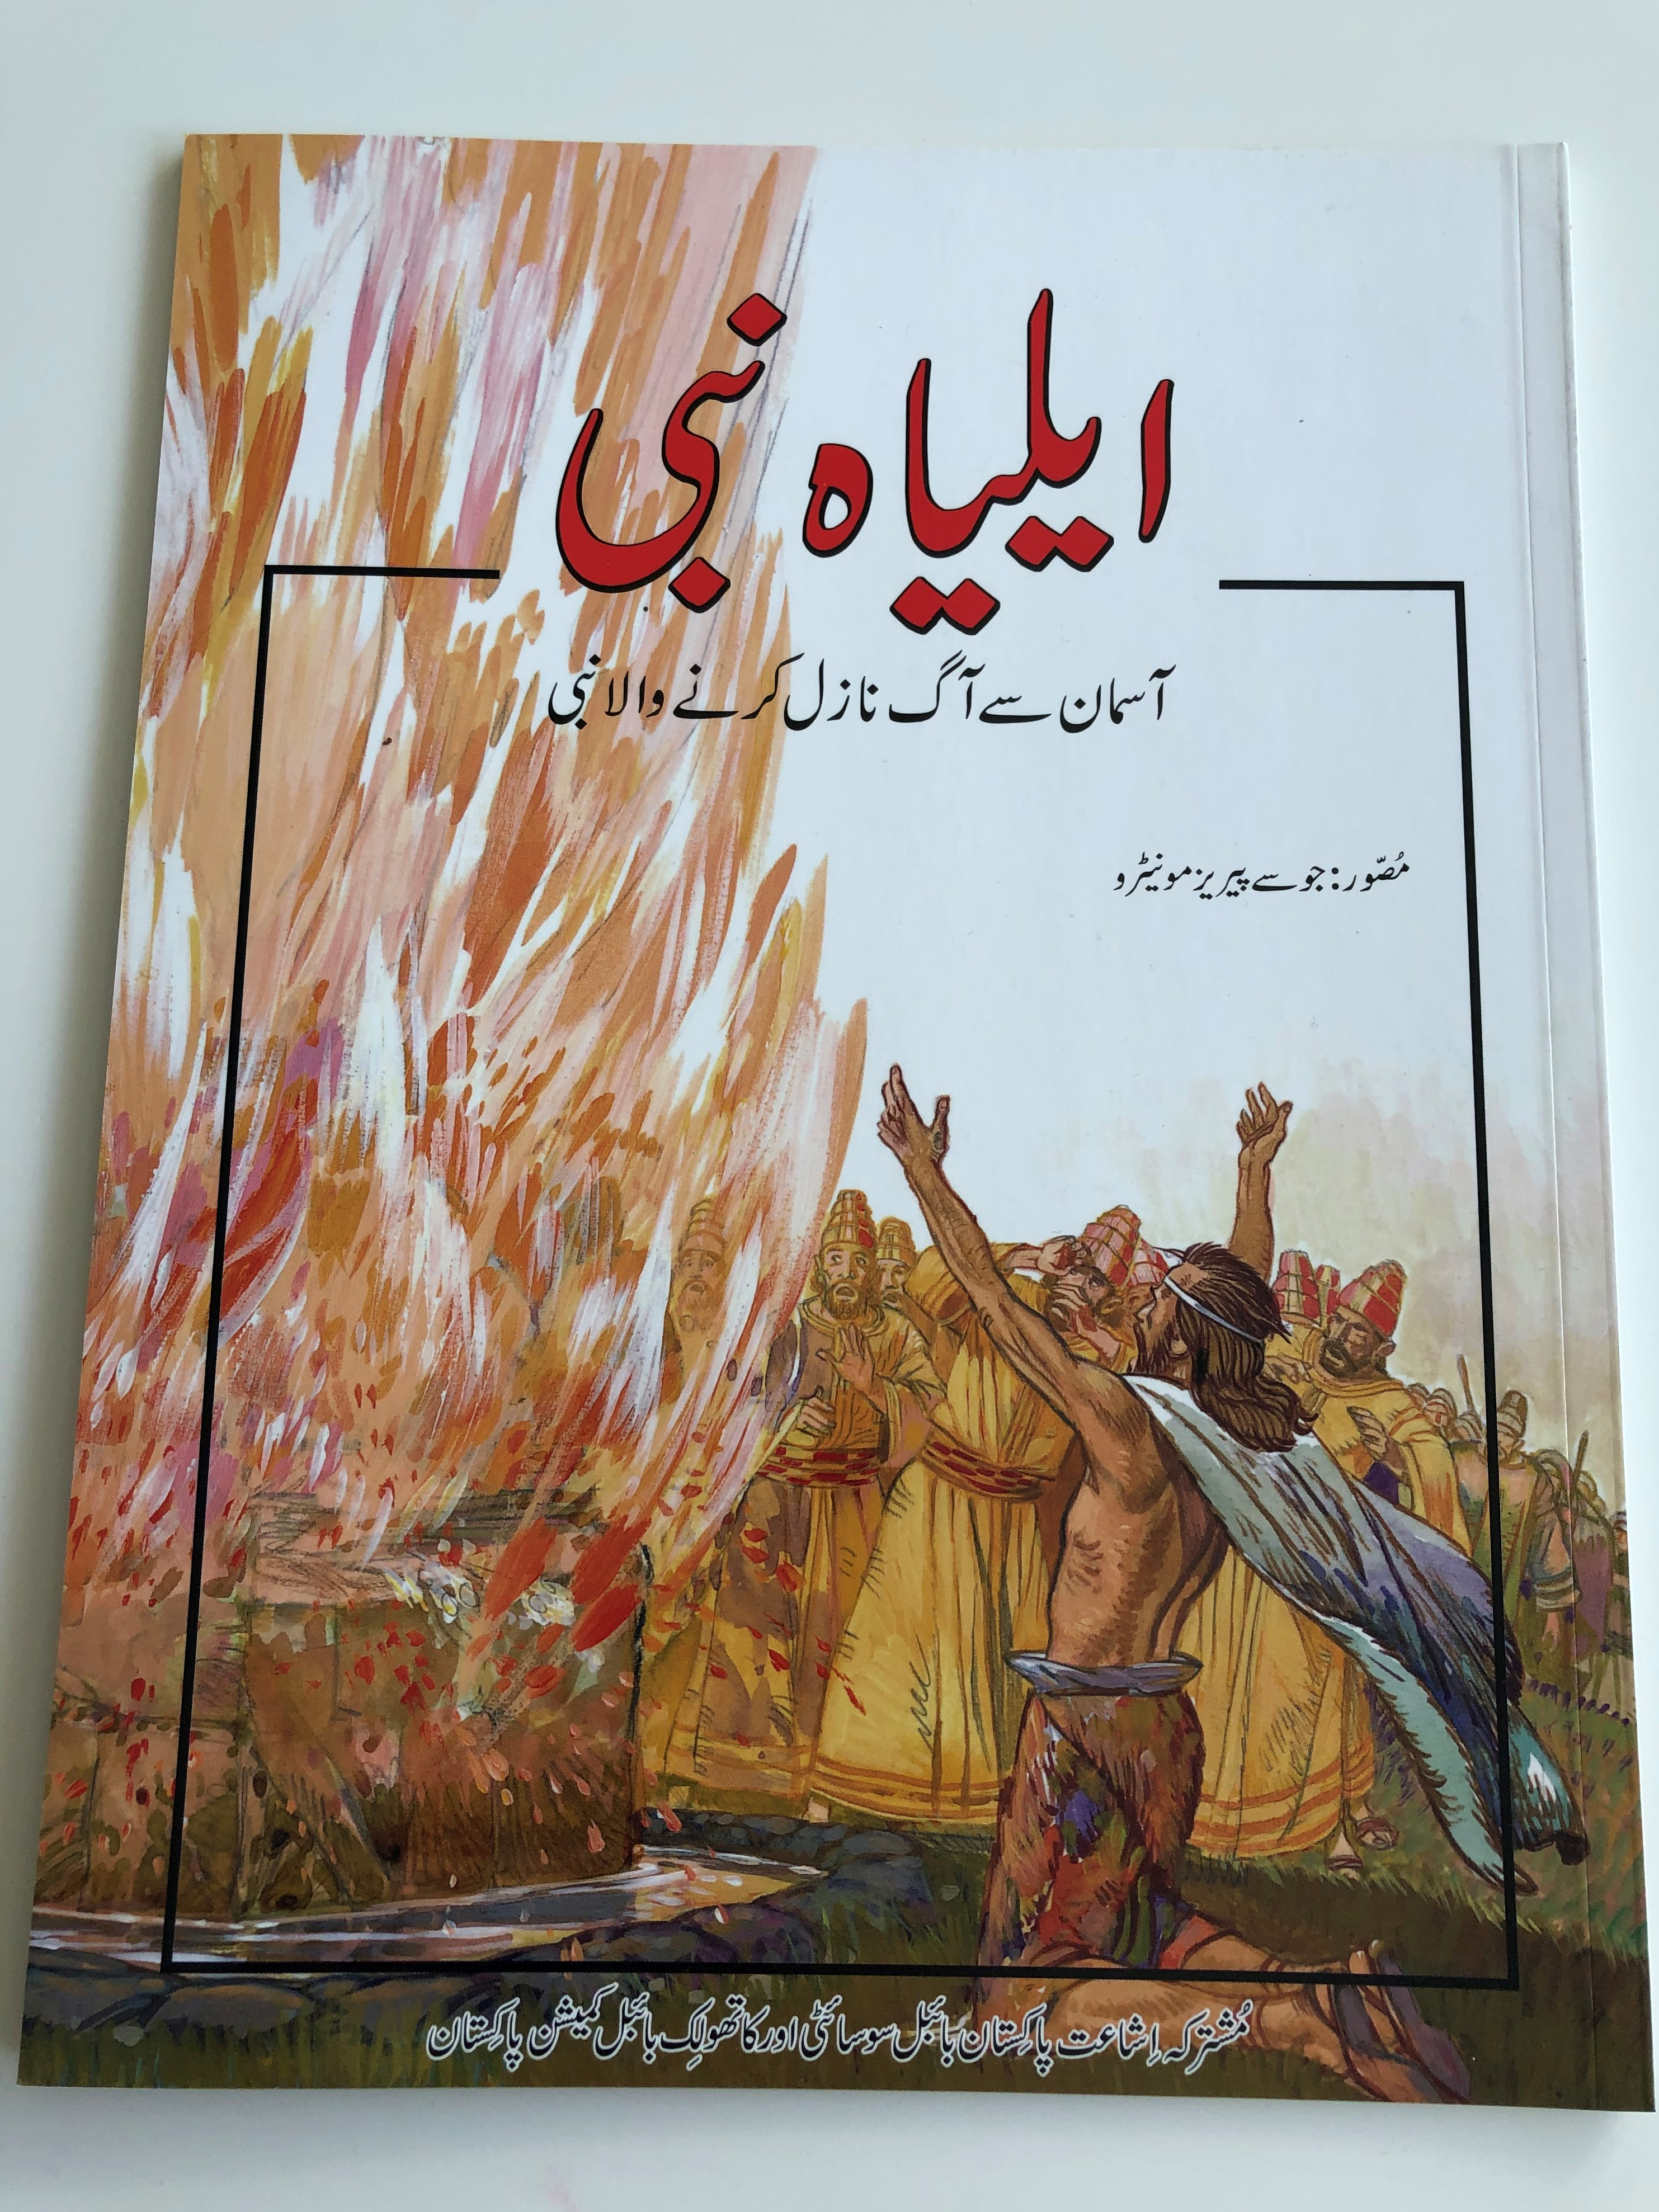 elijah-prophet-of-fire-urdu-language-children-s-illustrated-bible-story-book-1.jpg